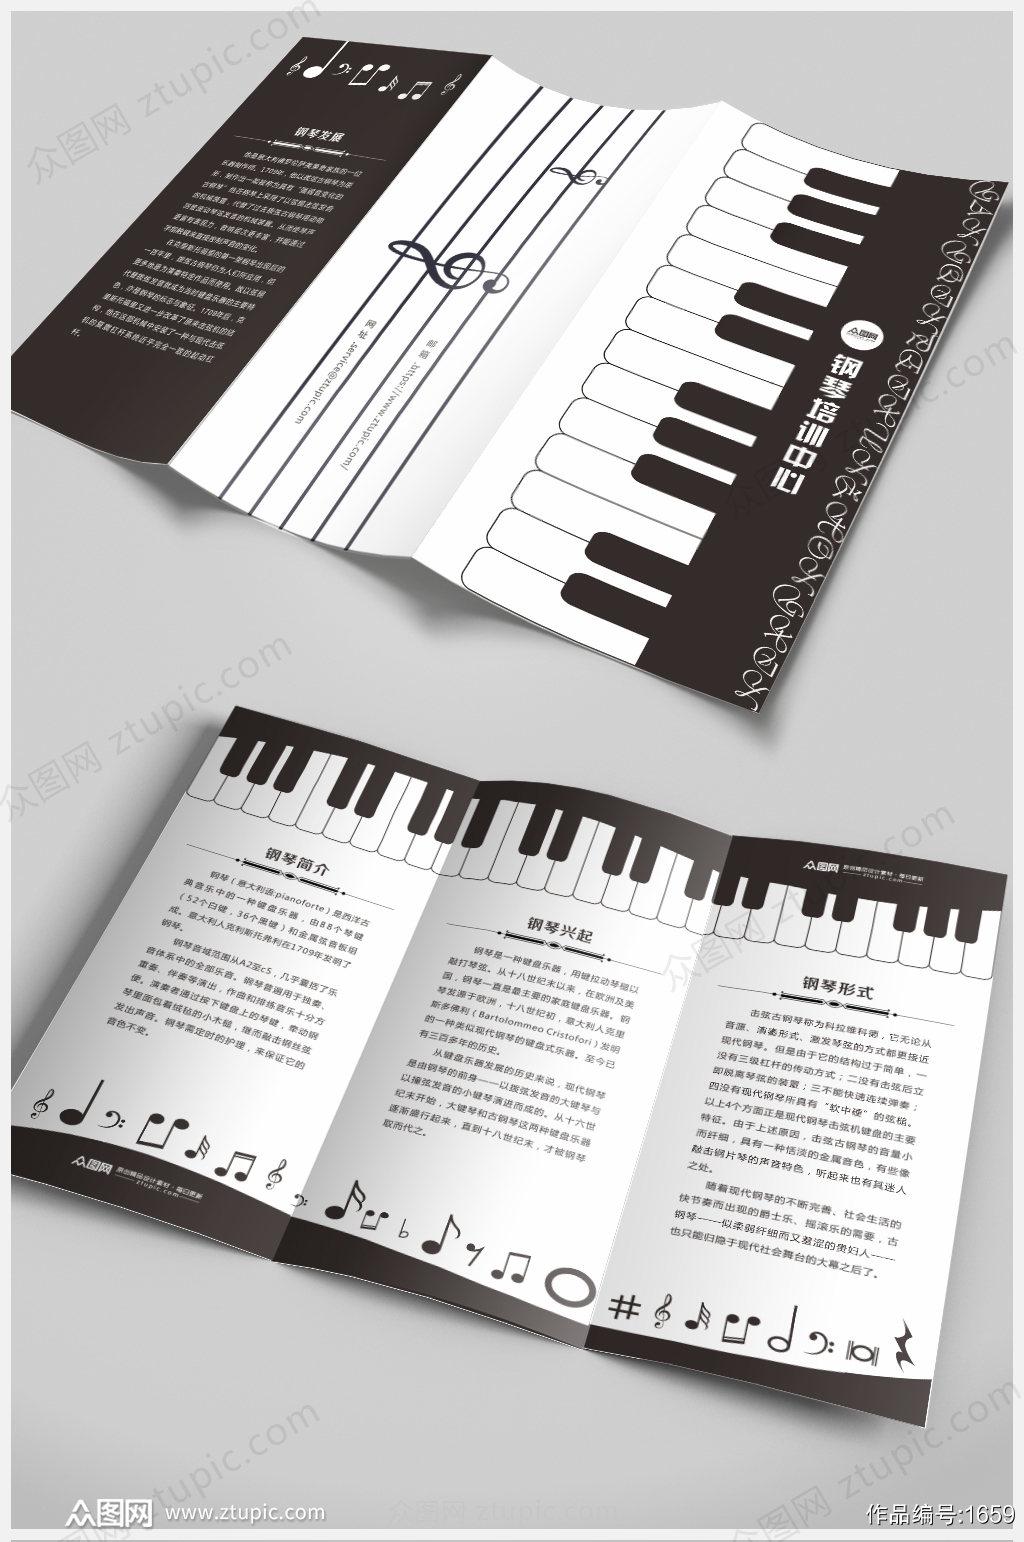 黑白极简钢琴音乐培训三折页设计素材